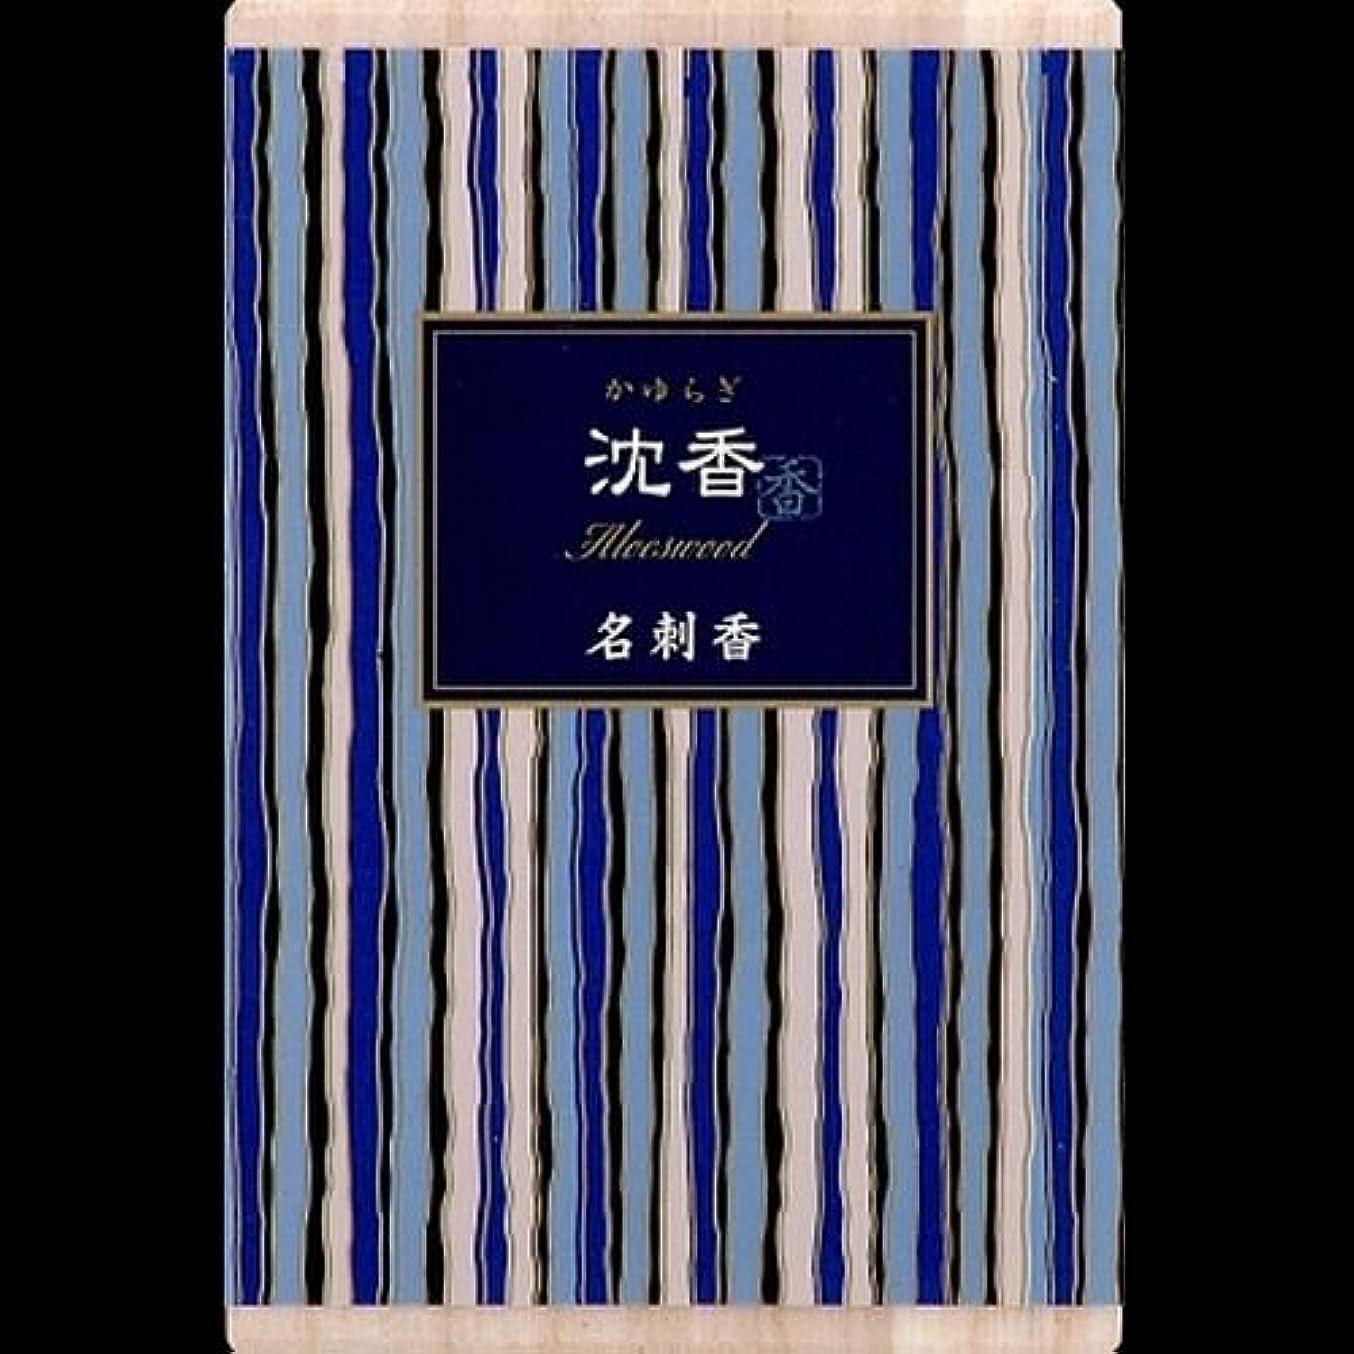 ミリメートル殉教者安いです【まとめ買い】かゆらぎ 沈香 名刺香 桐箱 6入 ×2セット